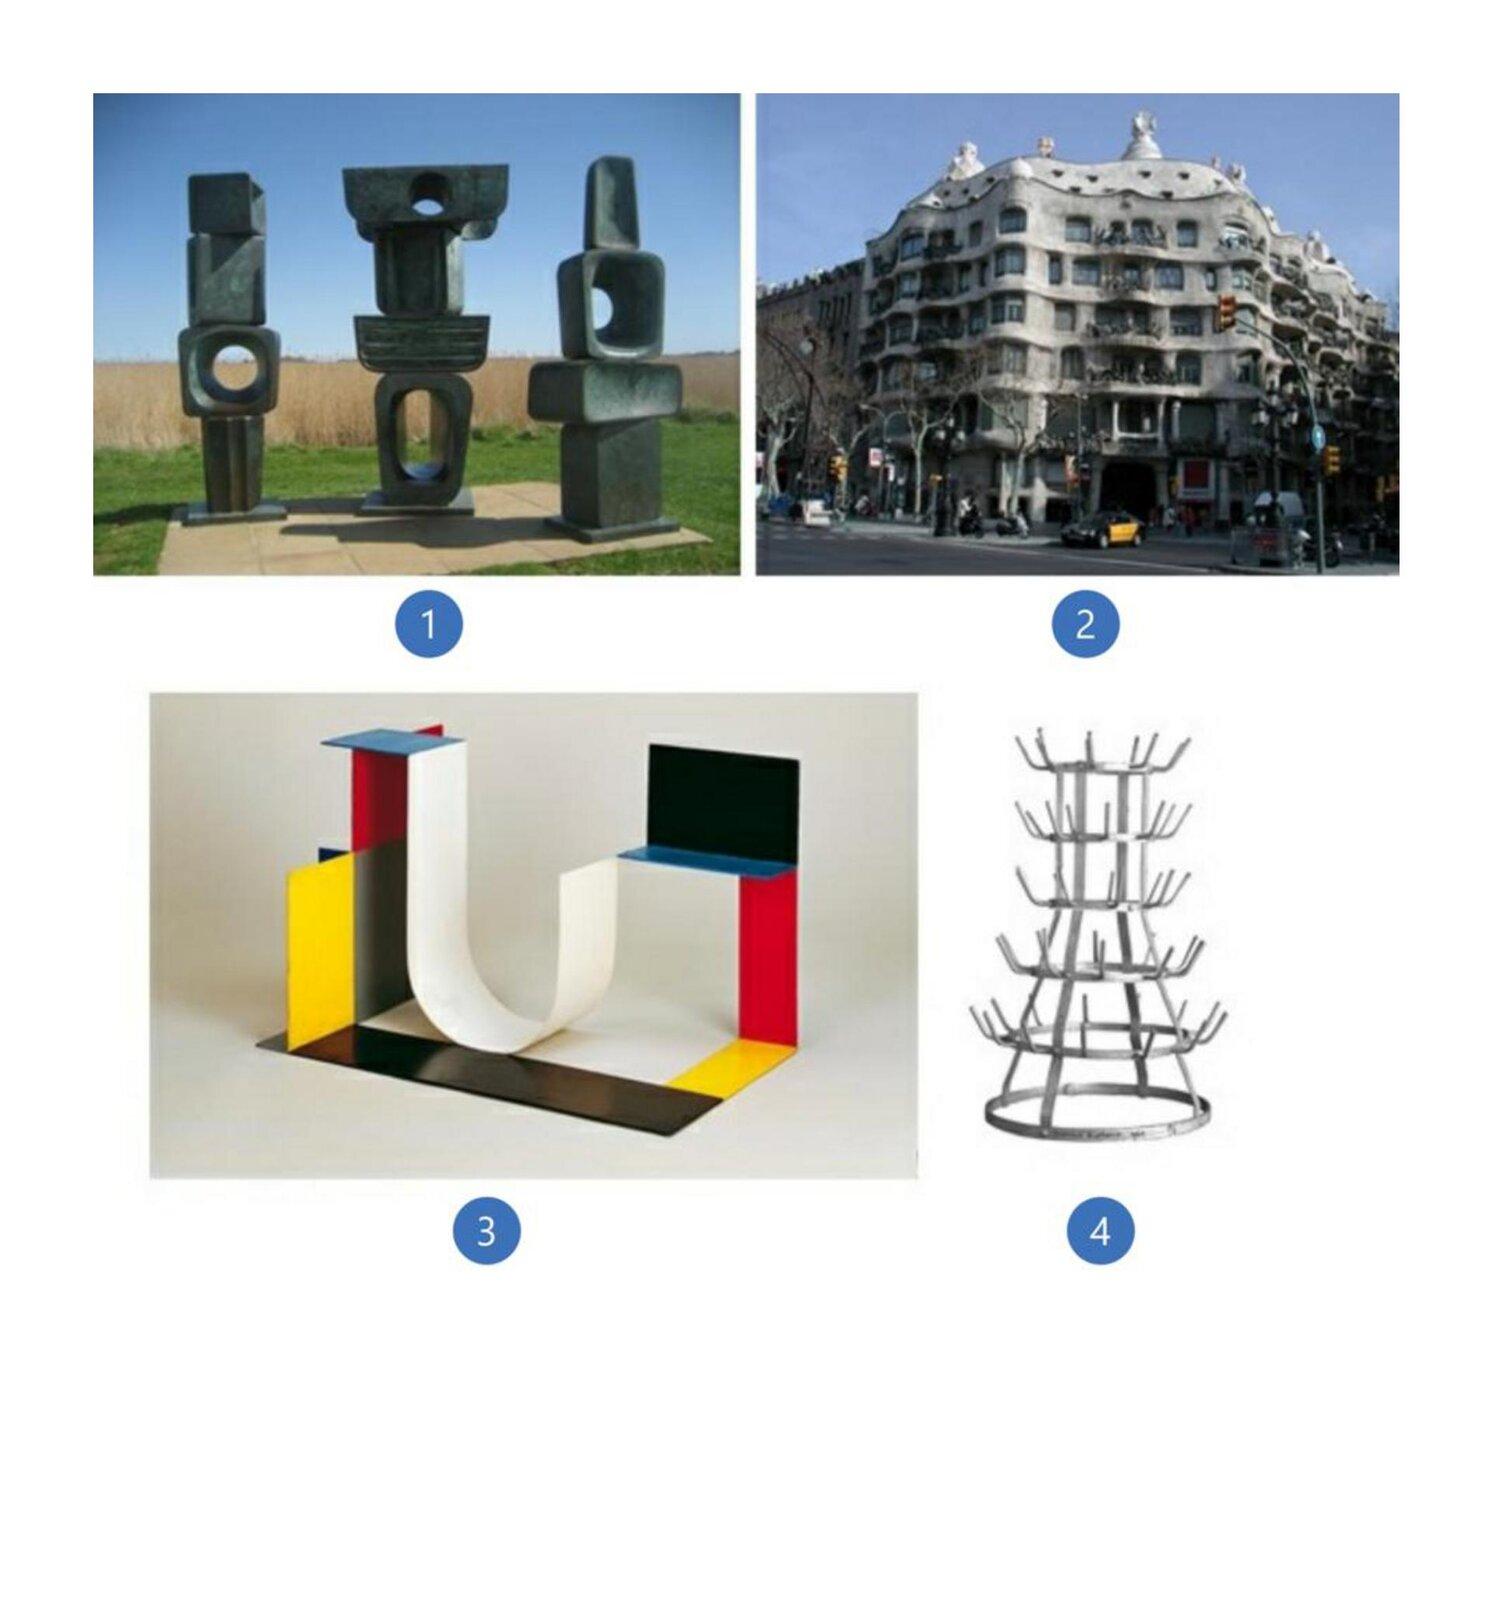 """Jedno ze zdjęć to abstrakcyjna rzeźba zbrązu pt. """"Rodzina Człowiecza"""". Są to trzy posągi. Każdy znich składa się zczterech części przypominających duże kamienie. Są one wróżnych kształtach iwielkościach. Niektóre znich mają otwory różnej wielkości. Konstrukcja stoi na ułożonym zpłyt podeście. Kolejne zdjęcie to budynek. Jest wielokondygnacyjny ima nieregularny kształt. Okna są duże, afasada budynku przypomina fale morskie. Wygląda ciężko imonumentalnie choć wzniesiona jest zcienkich wapiennych płyt. Balkony zdobią kute zżelaza balustrady przybierające kształt dzikich chaszczy. Ozdobą fasady głównej są również specjalnie rozmieszczone ptaki, które maja sprawiać wrażenie szykujących się do odlotu. Jedno ze zdjęć to abstrakcyjna rzeźba zmetalu. Kompozycja składa się zprostokątnych fragmentów wróżnych kolorach ioróżnej wielkości połączonych między sobą jedną krawędzią. Prostokąty są wkolorach żółtym, czarnym, czerwonym iniebieskim. Wcentralnej części jest jeden fragment który został wygięty wkształcie odwróconej litery j. Jest wkolorze białym. Jedno ze zdjęcie to metalowa konstrukcja składająca się zsześciu okręgów oróżnej wielkości połączonych ze sobą. Okręgi układają się poziomo. Na spodzie jest największy okrąg, akolejne są coraz mniejsze. Koła połączone są czterema wygiętymi, metalowymi listwami stojącymi wpionie. Zokręgów, za wyjątkiem pierwszego wystają metalowe pręty, które przypominają wieszaczki. Są umiejscowione wodstępach dookoła okręgu."""